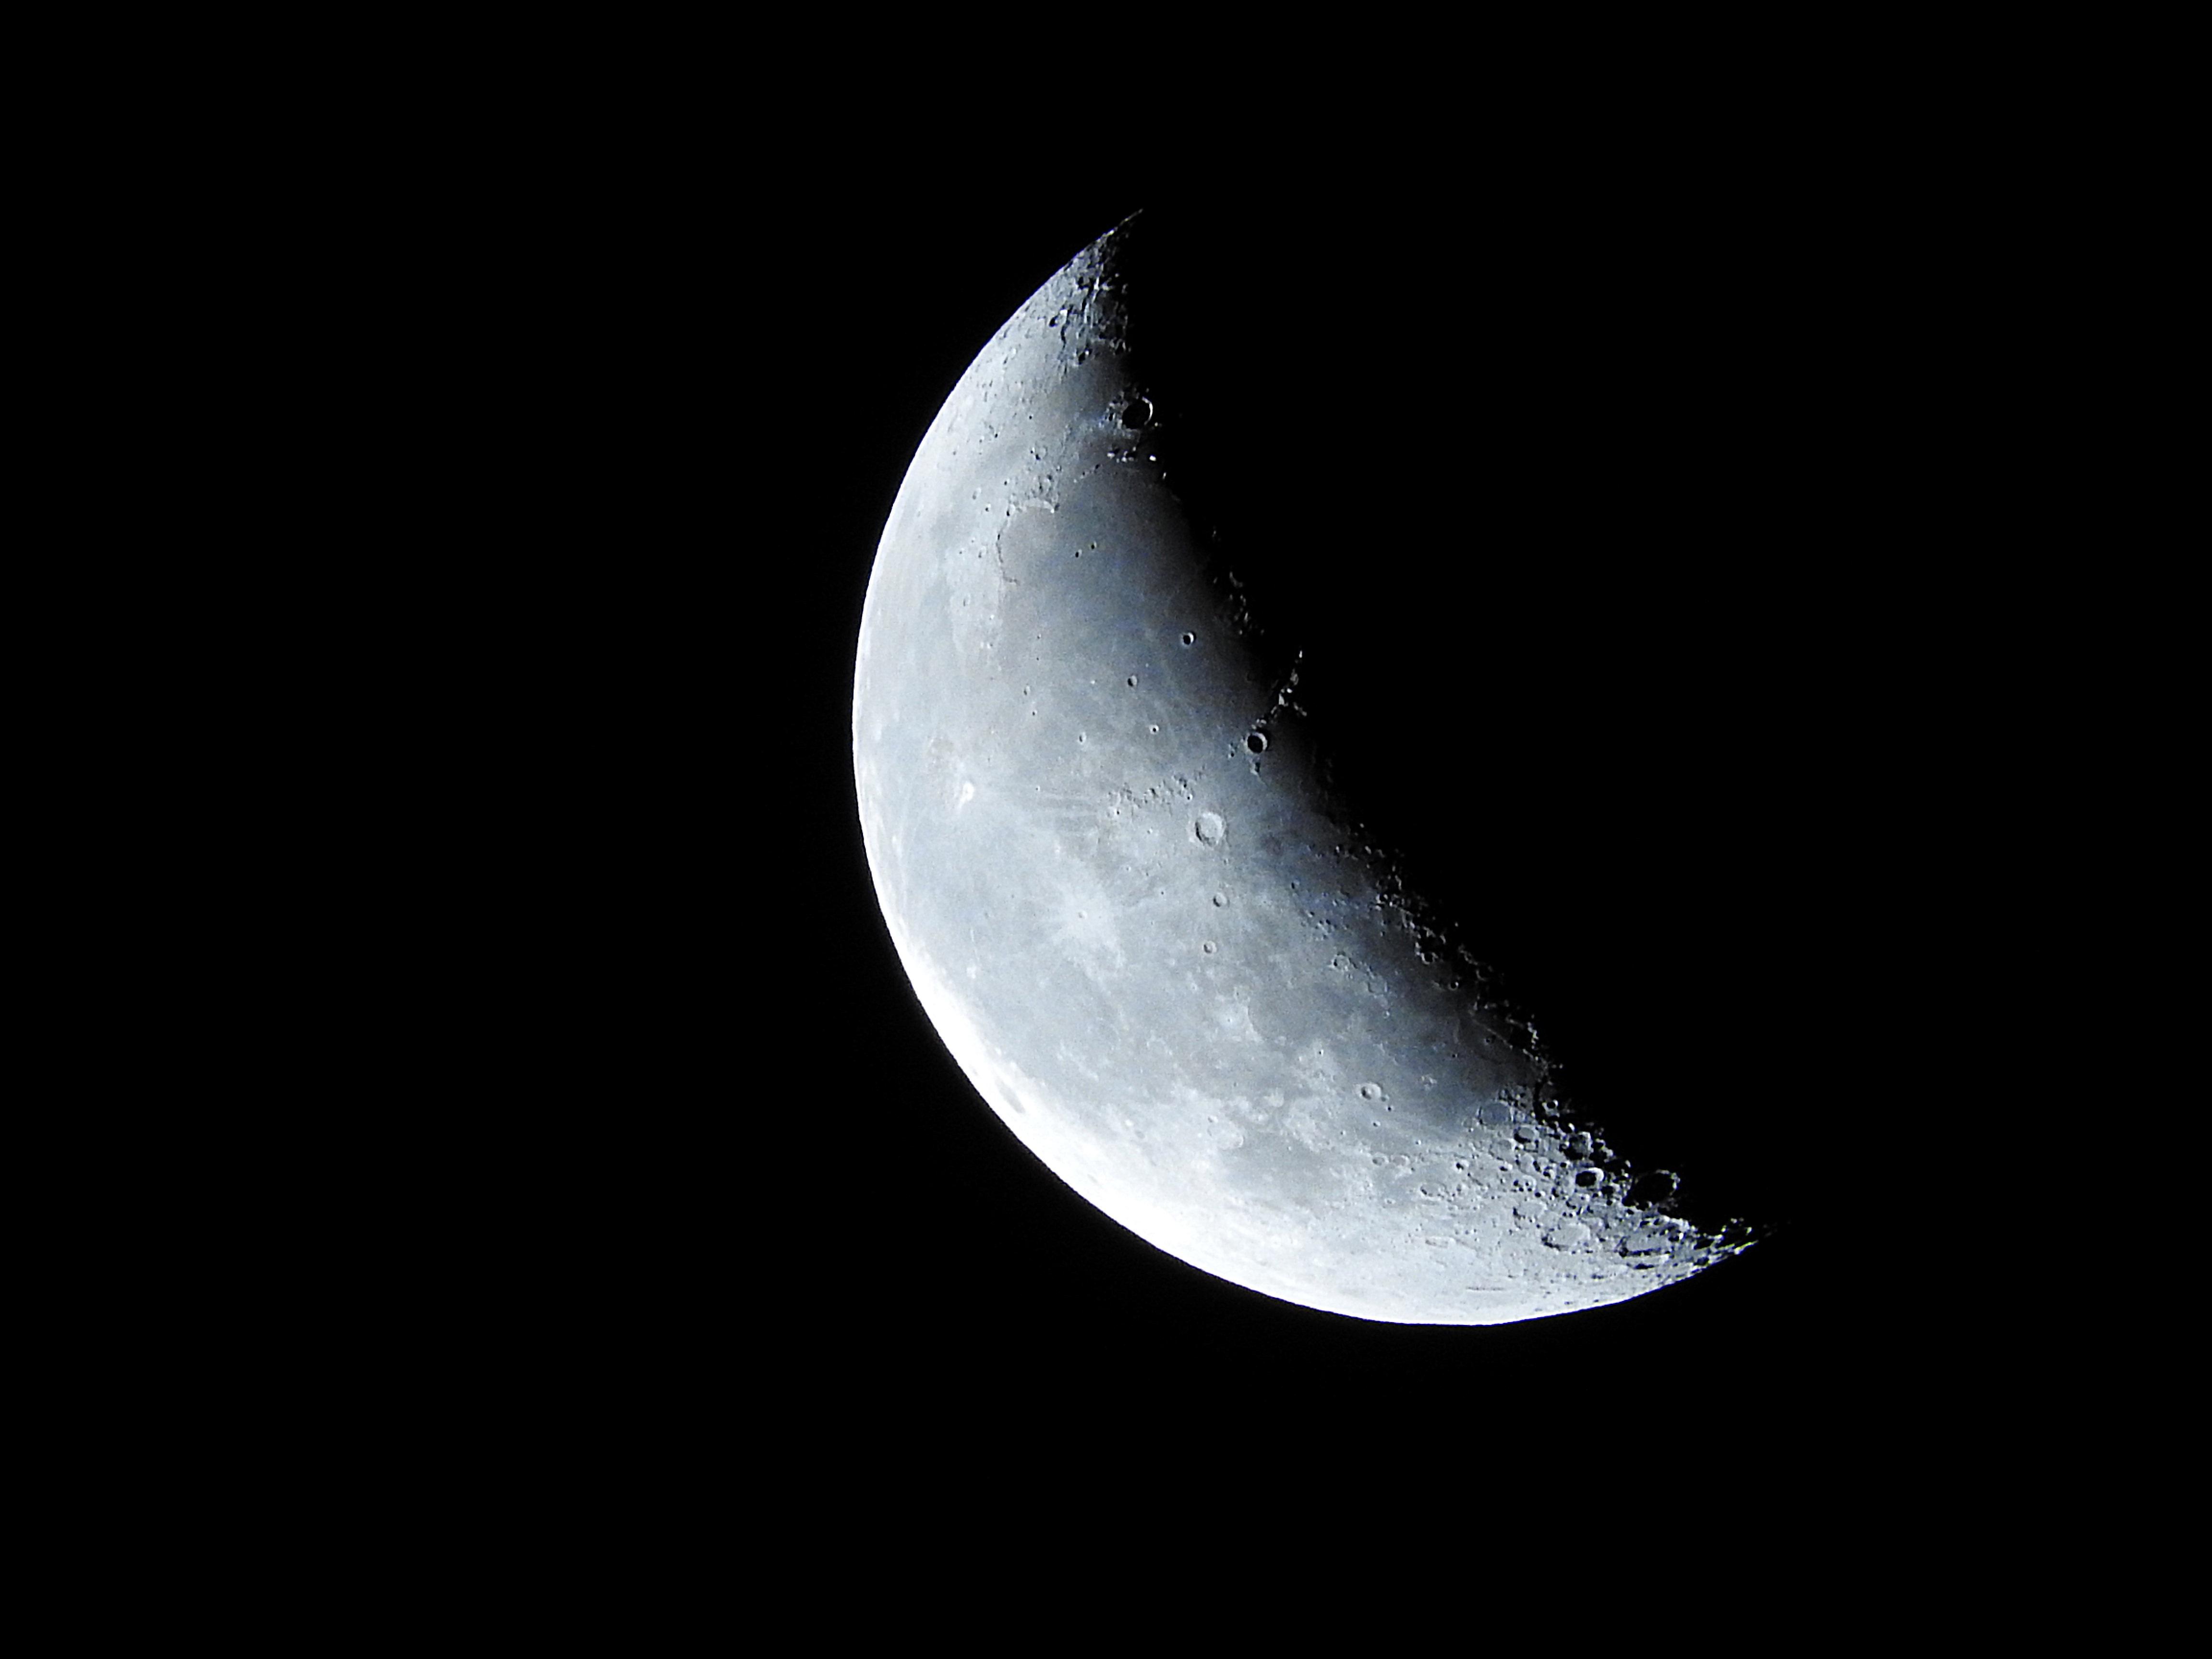 Gambar Sayap Suasana Luar Angkasa Bulan Sabit Objek Astronomi